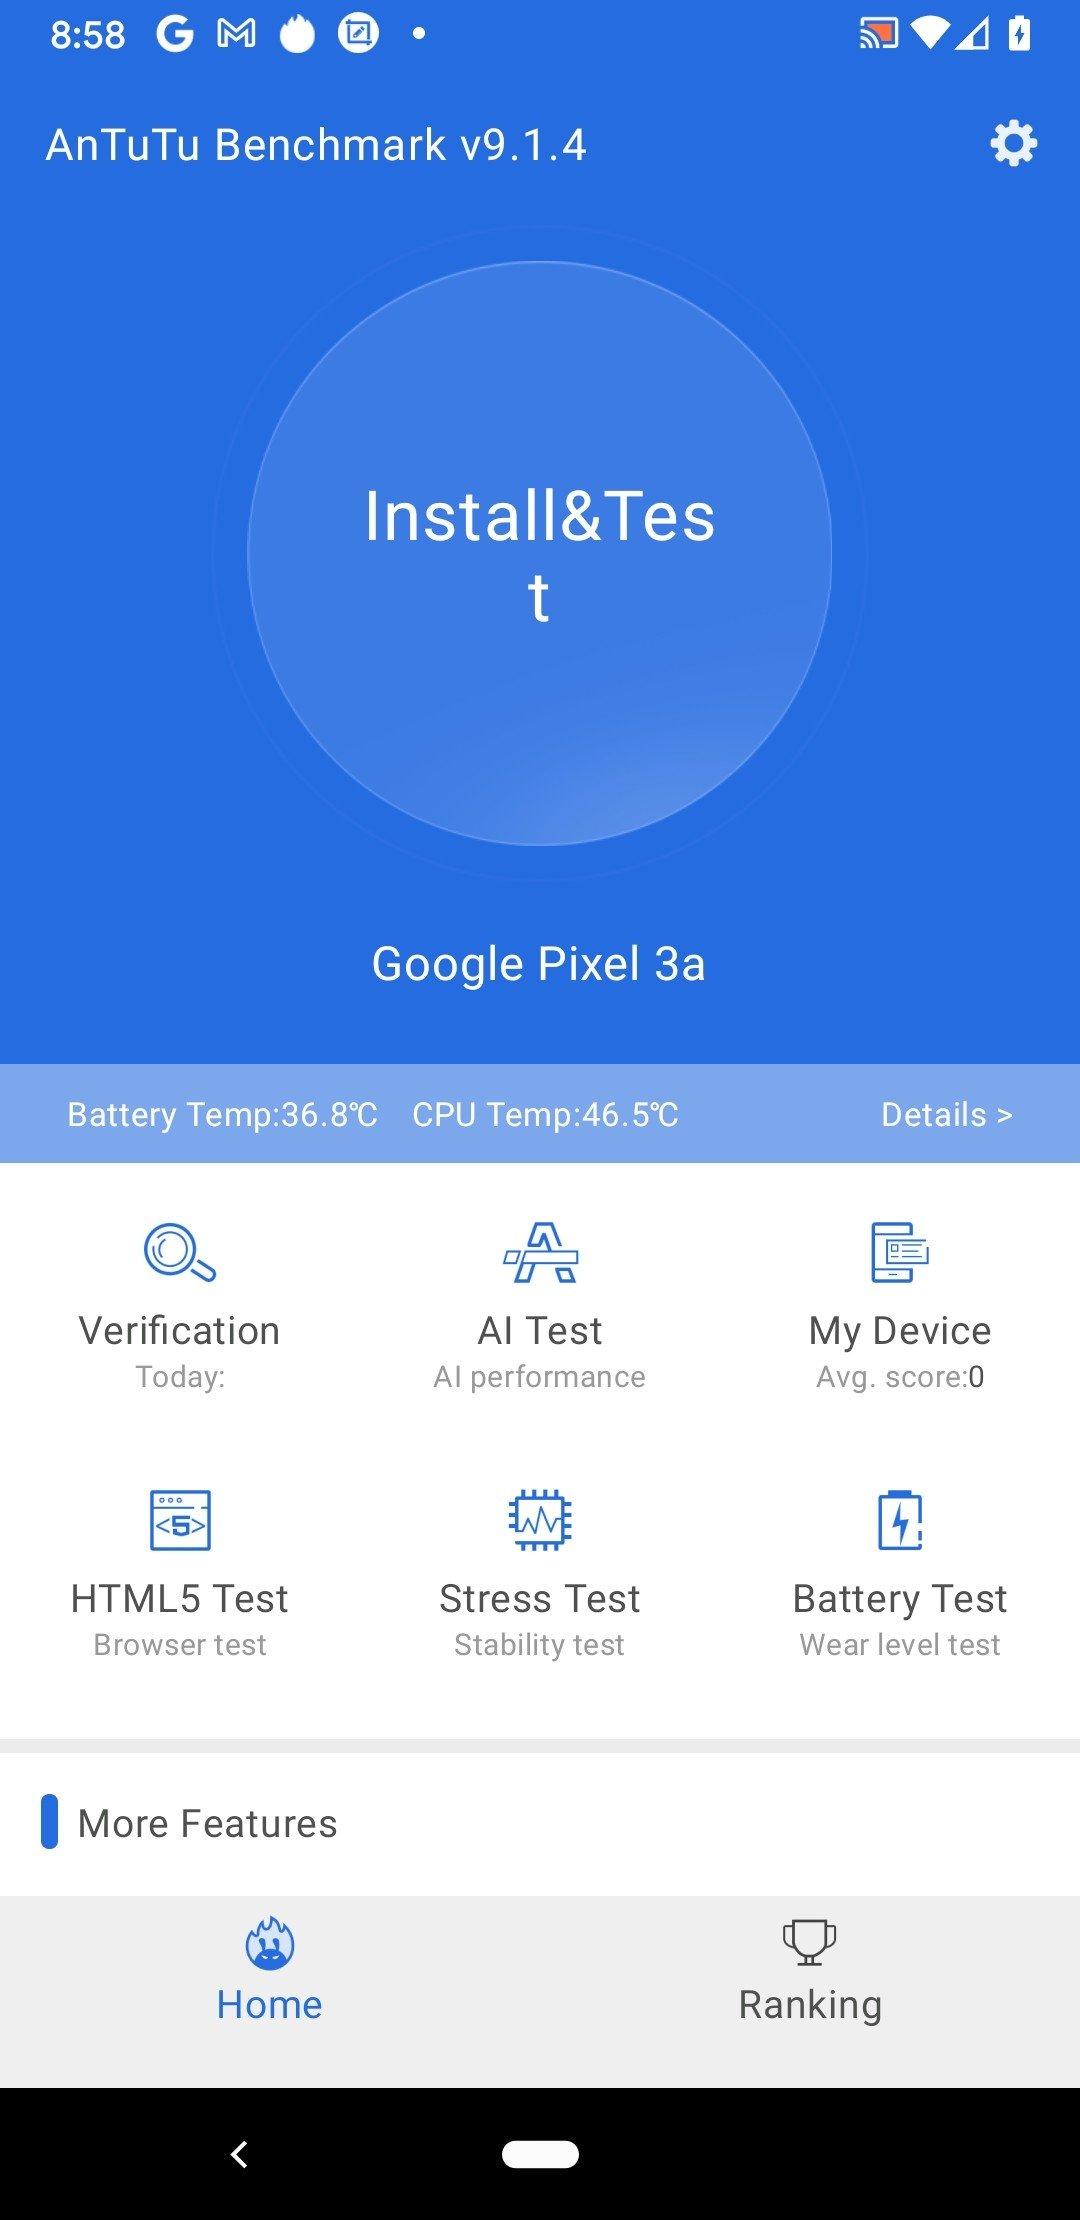 AnTuTu Benchmark Android image 5